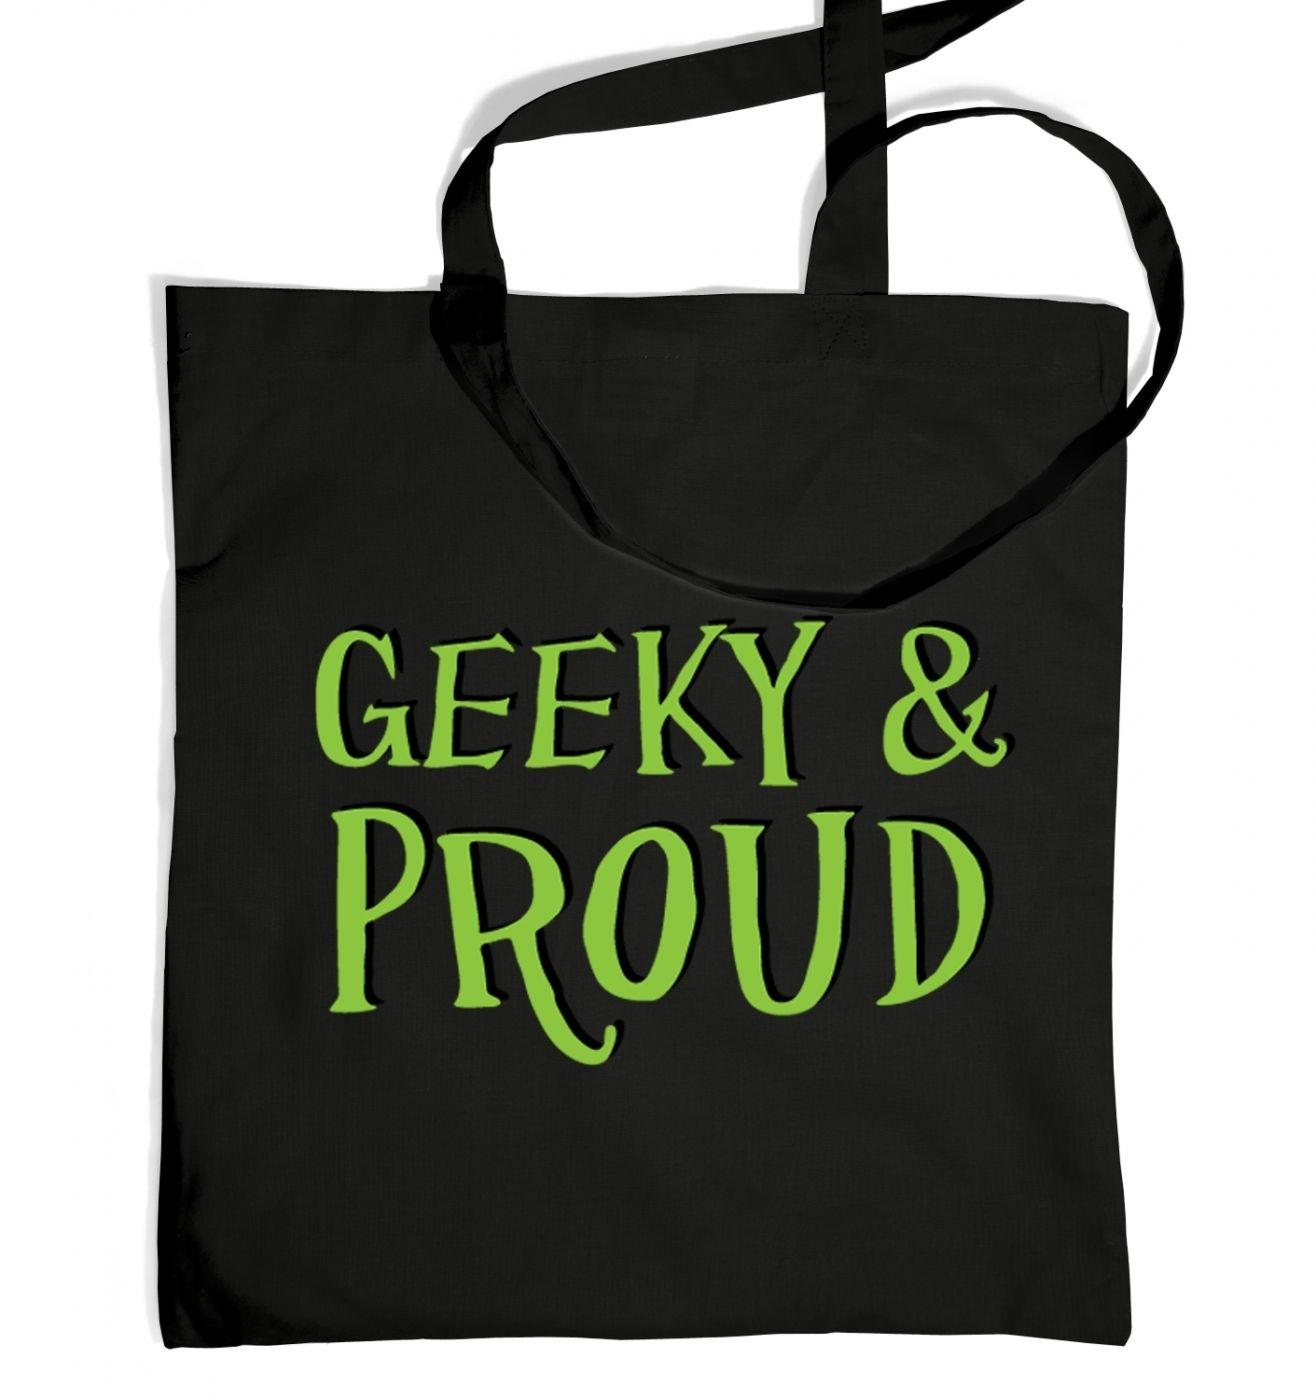 Geeky & Proud Tote Bag